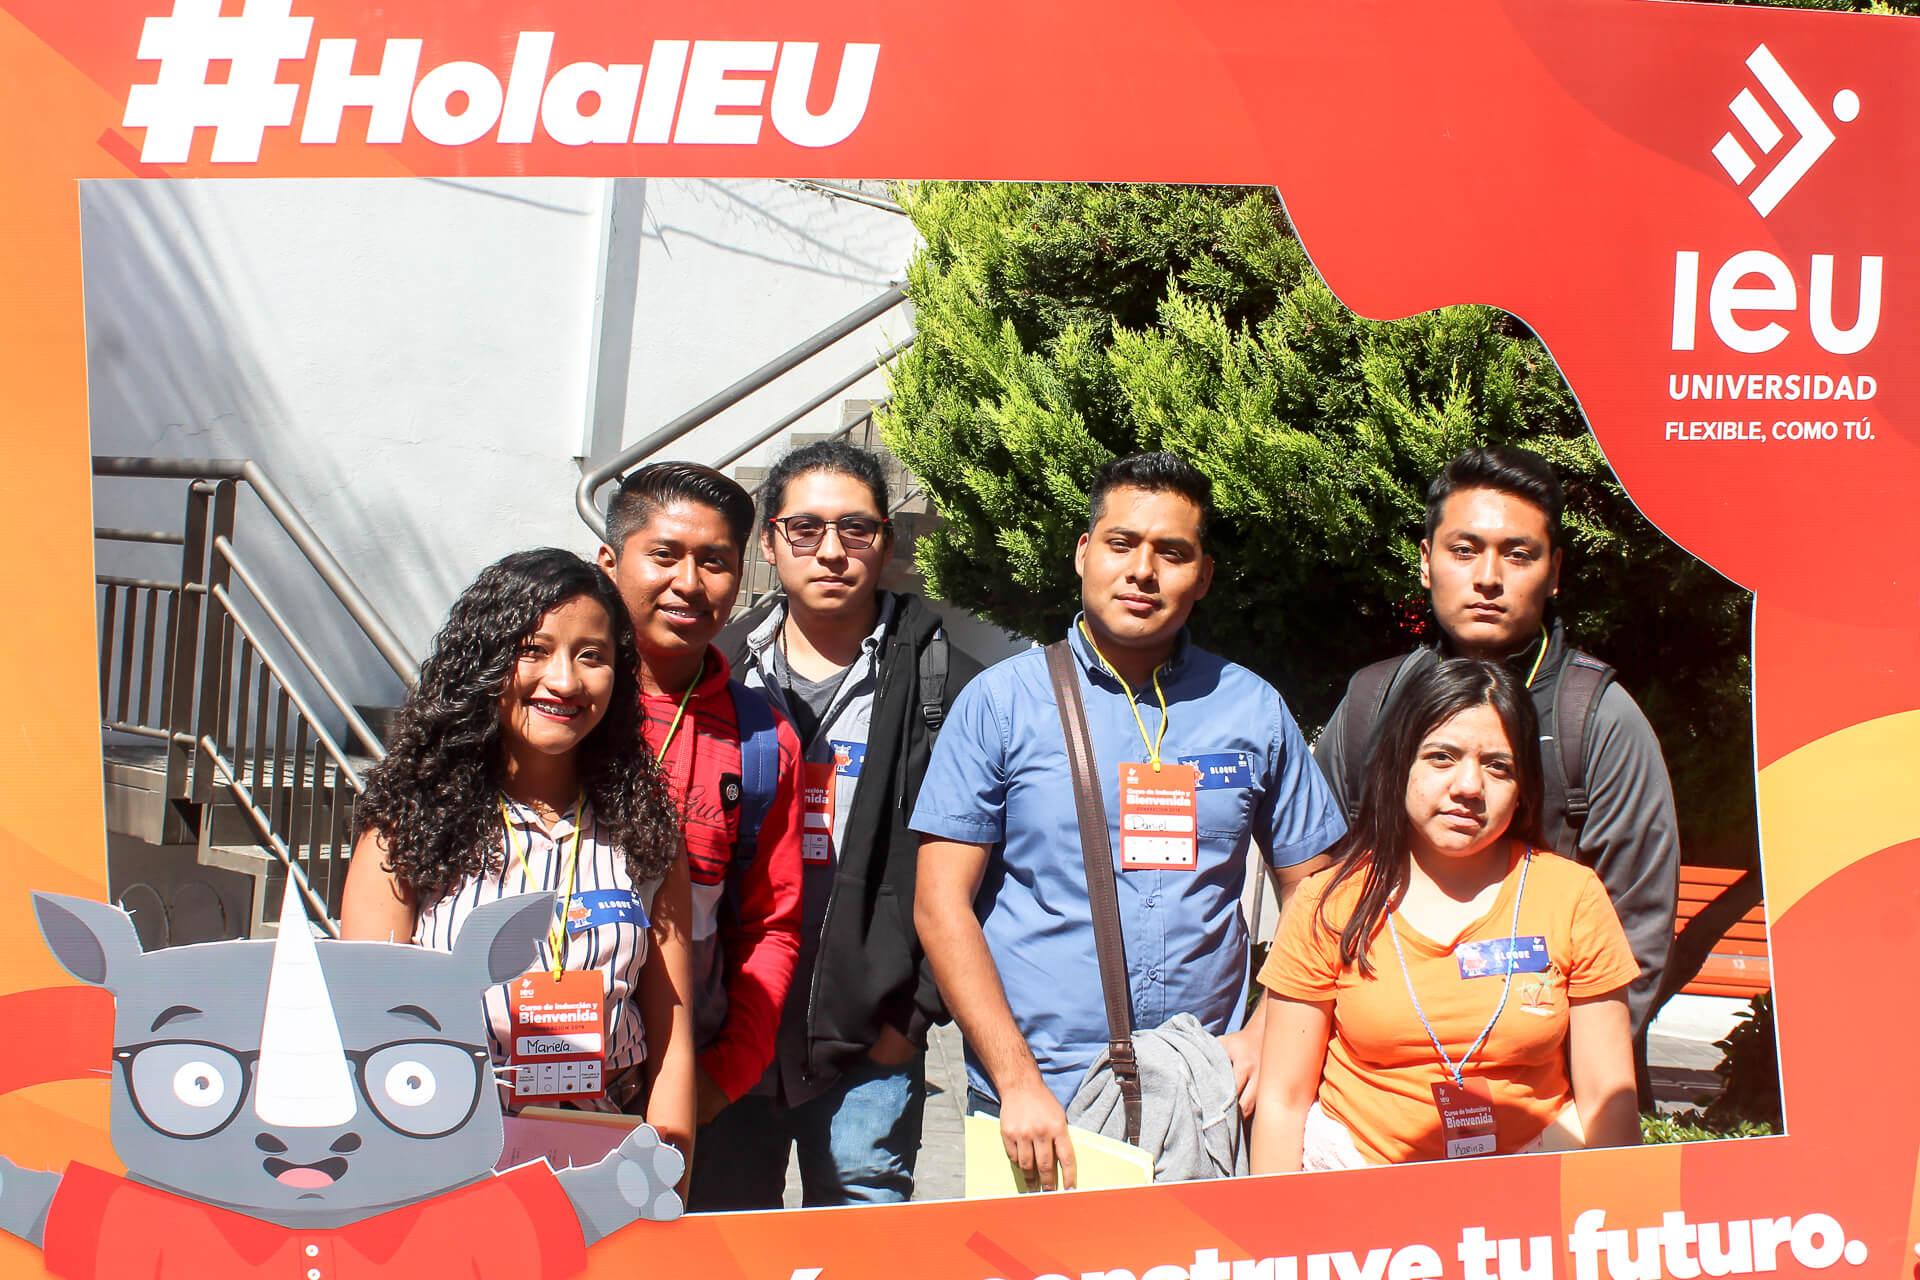 Universidad Ieu Da La Bienvenida A Más De 1200 Alumnos De Licenciaturas 04